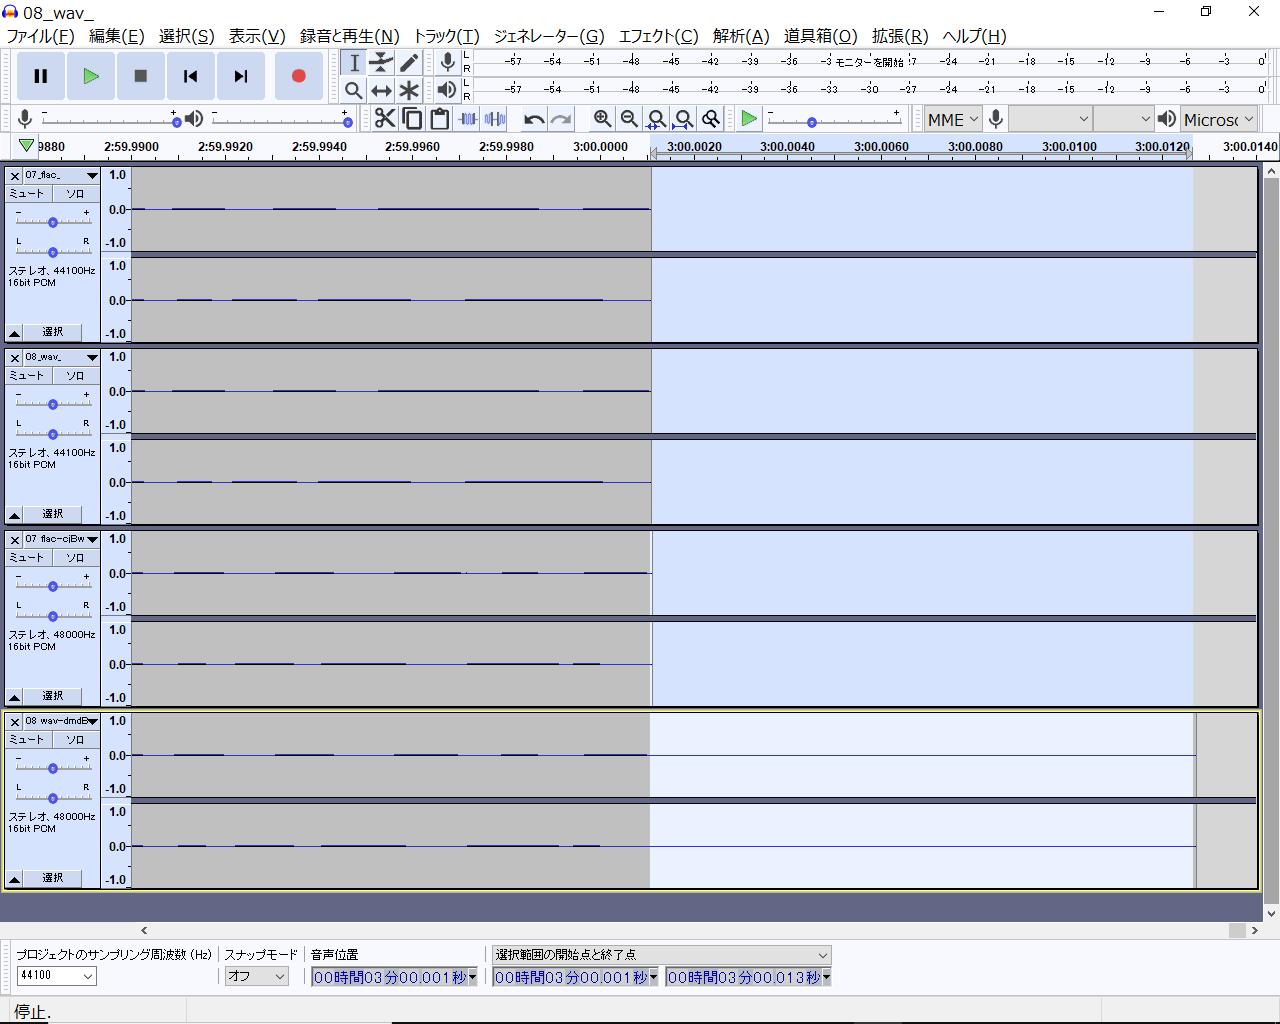 図29 、入/出力(webm)ファイル波形比較(No. 07 – 08)